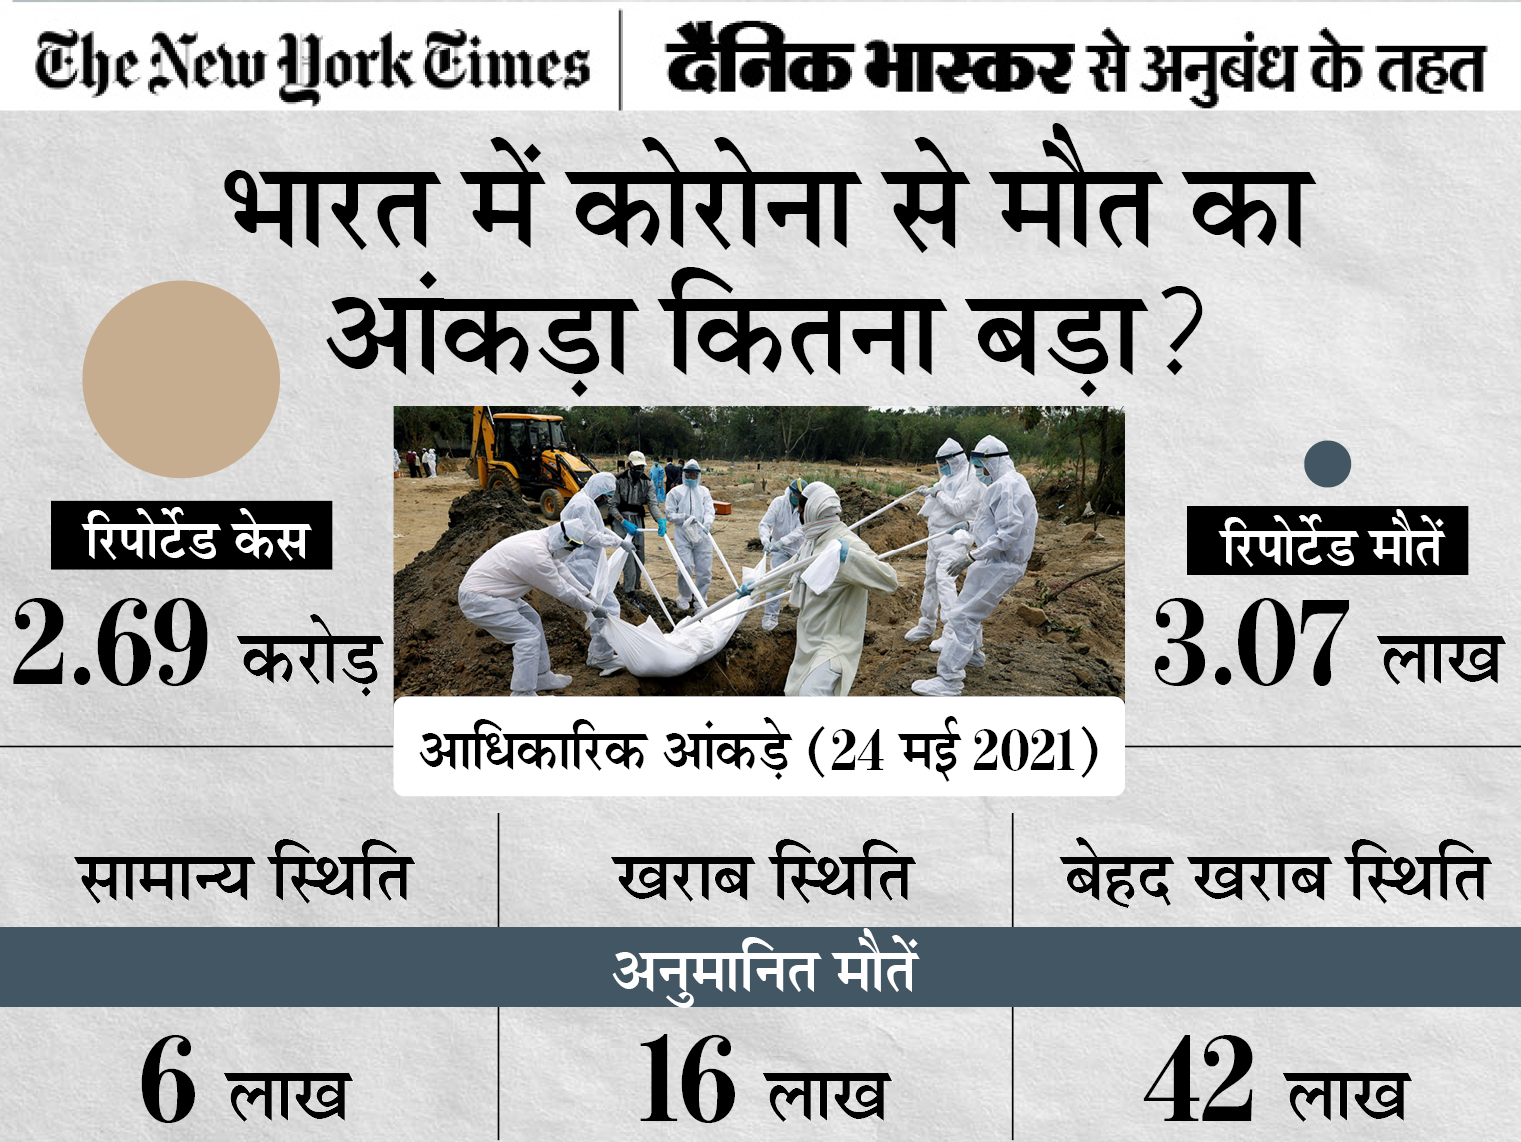 न्यूयॉर्क टाइम्स की रिपोर्ट; भारत में 42 लाख लोगों की मौत की आशंका, 70 करोड़ से ज्यादा लोग संक्रमित हुए होंगे|DB ओरिजिनल,DB Original - Dainik Bhaskar